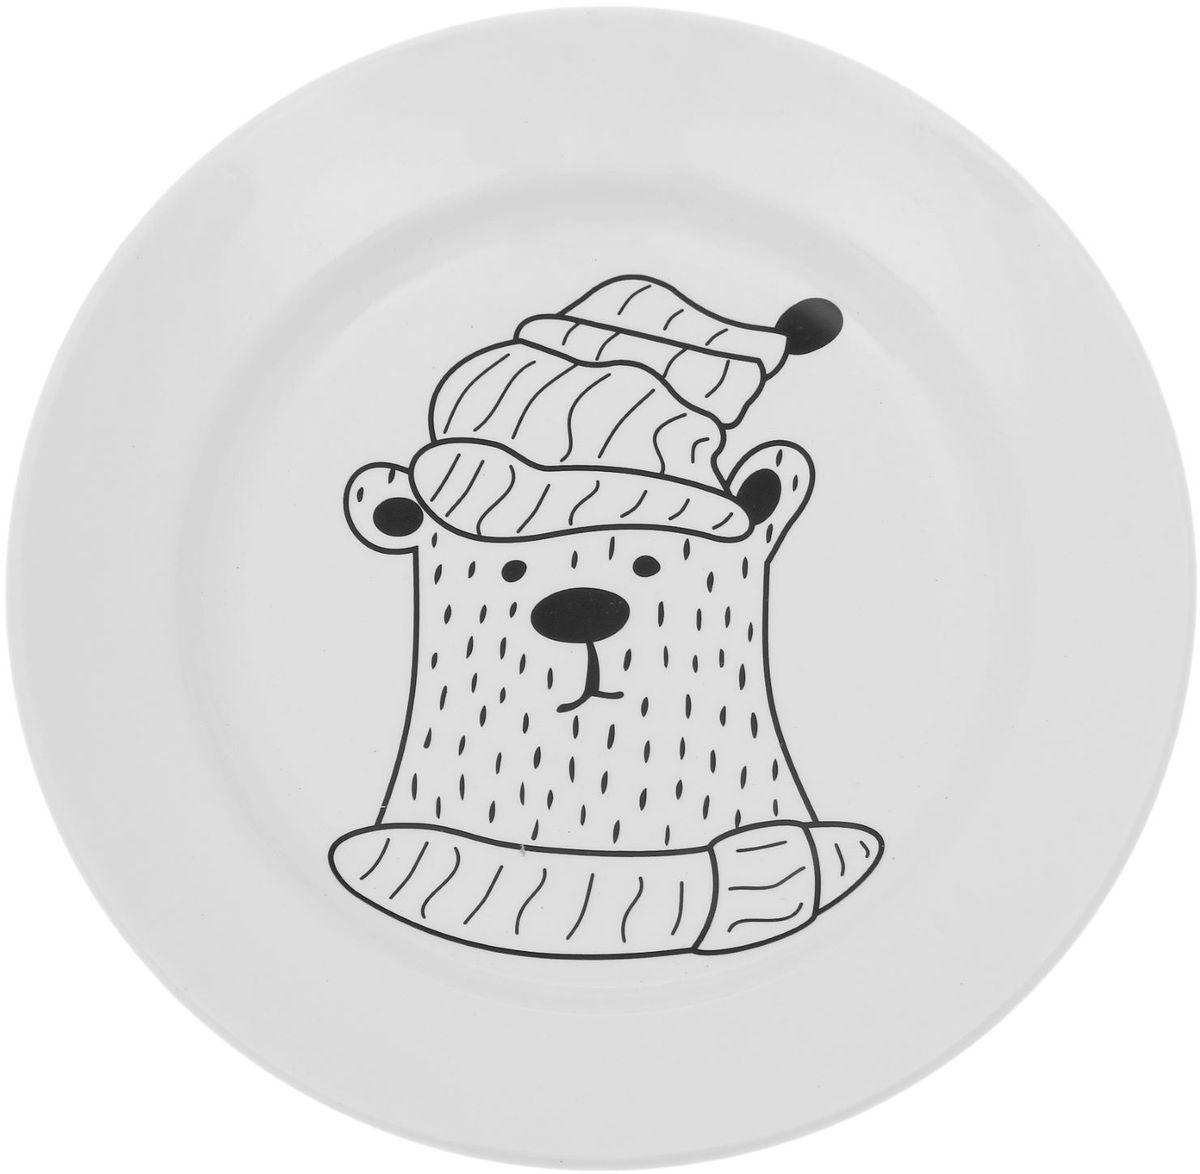 Тарелка мелкая Сотвори чудо Полярный мишка, диаметр 20 см1828181Хотите обновить интерьер кухни или гостиной? Устраиваете необычную фотосессию или тематический праздник? А может, просто ищете подарок для близкого человека? Посуда Сотвори Чудо — правильный выбор в любой ситуации. Тарелка Сотвори Чудо, изготовленная из изящного фаянса нежного сливочного цвета, оформлена оригинальным рисунком со стойкой краской. Пригодна для посудомоечной машины.